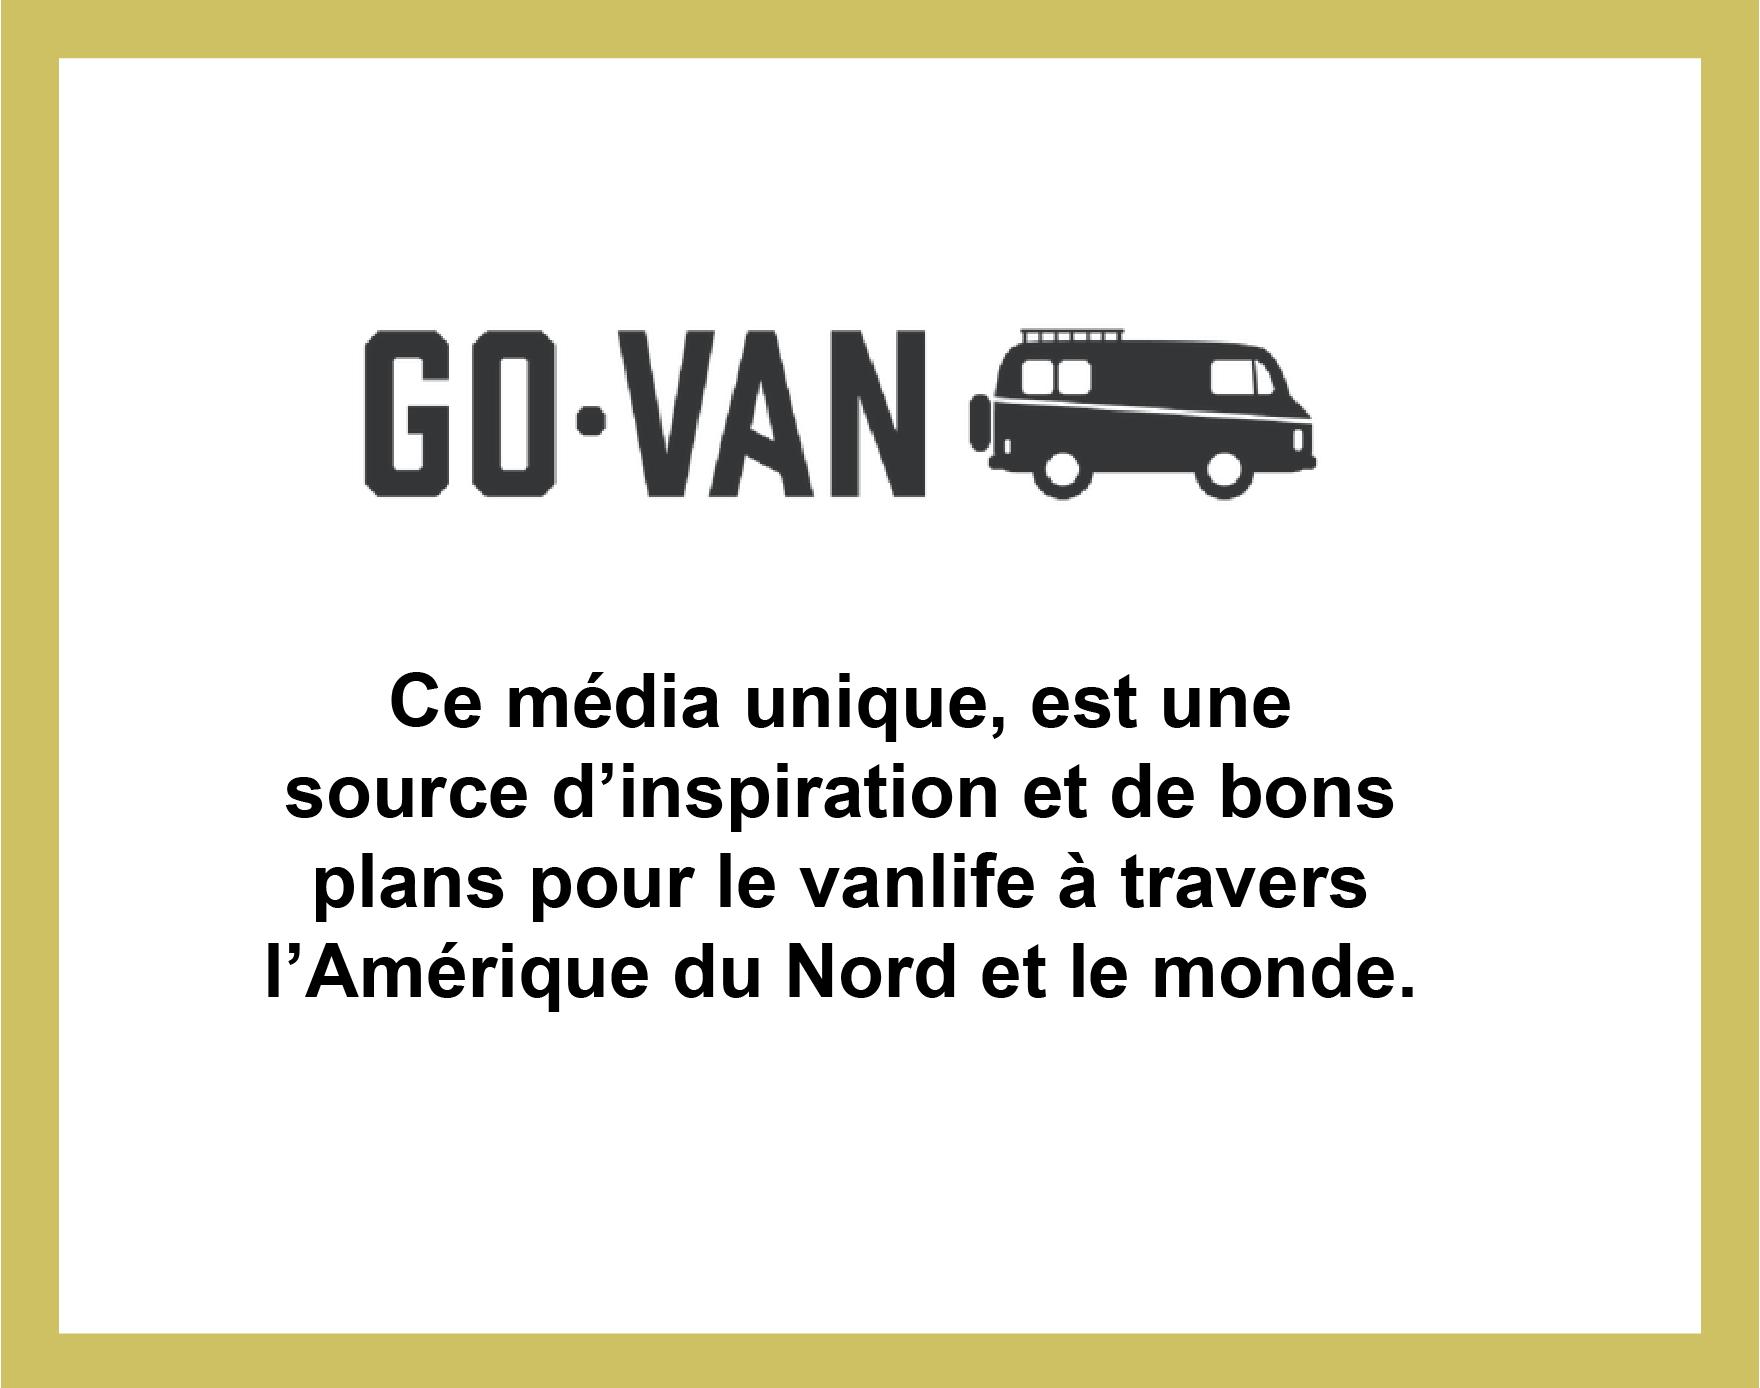 Partenariat avec Go Van, média d'inspiration sur la vanlife en Amérique du Nord et dans le monde